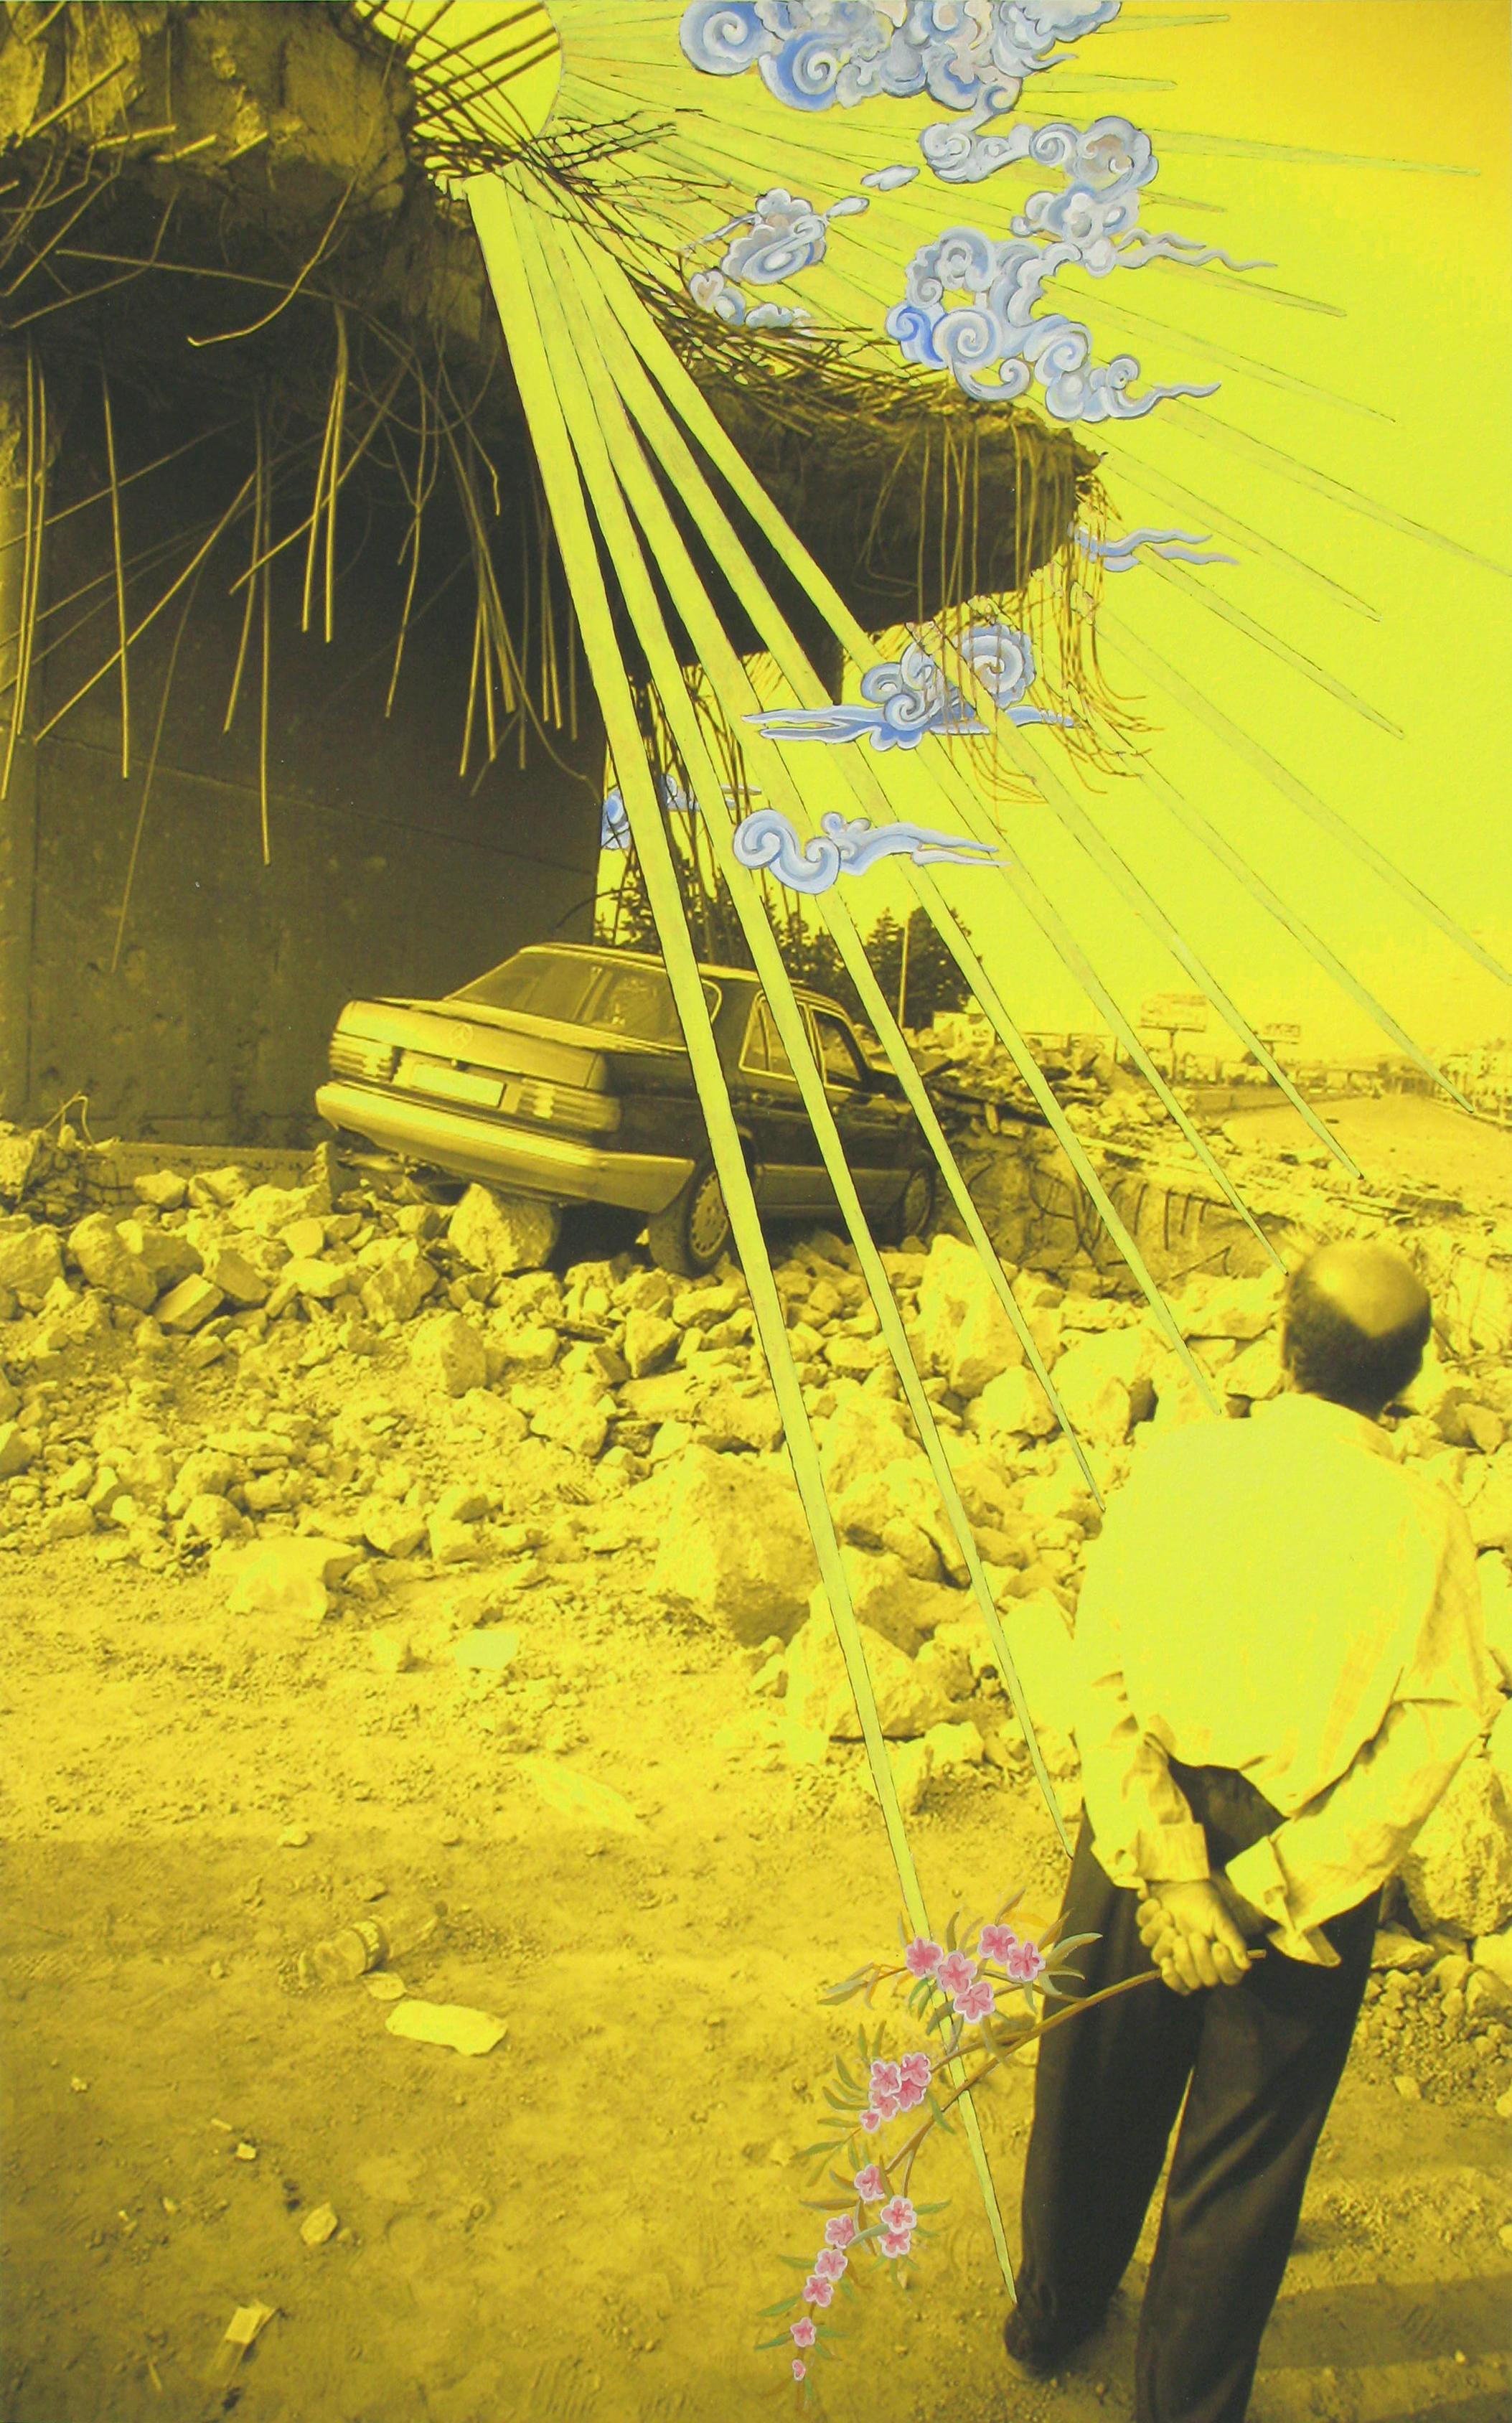 REVEAL: YELLOW CRASH, 2008